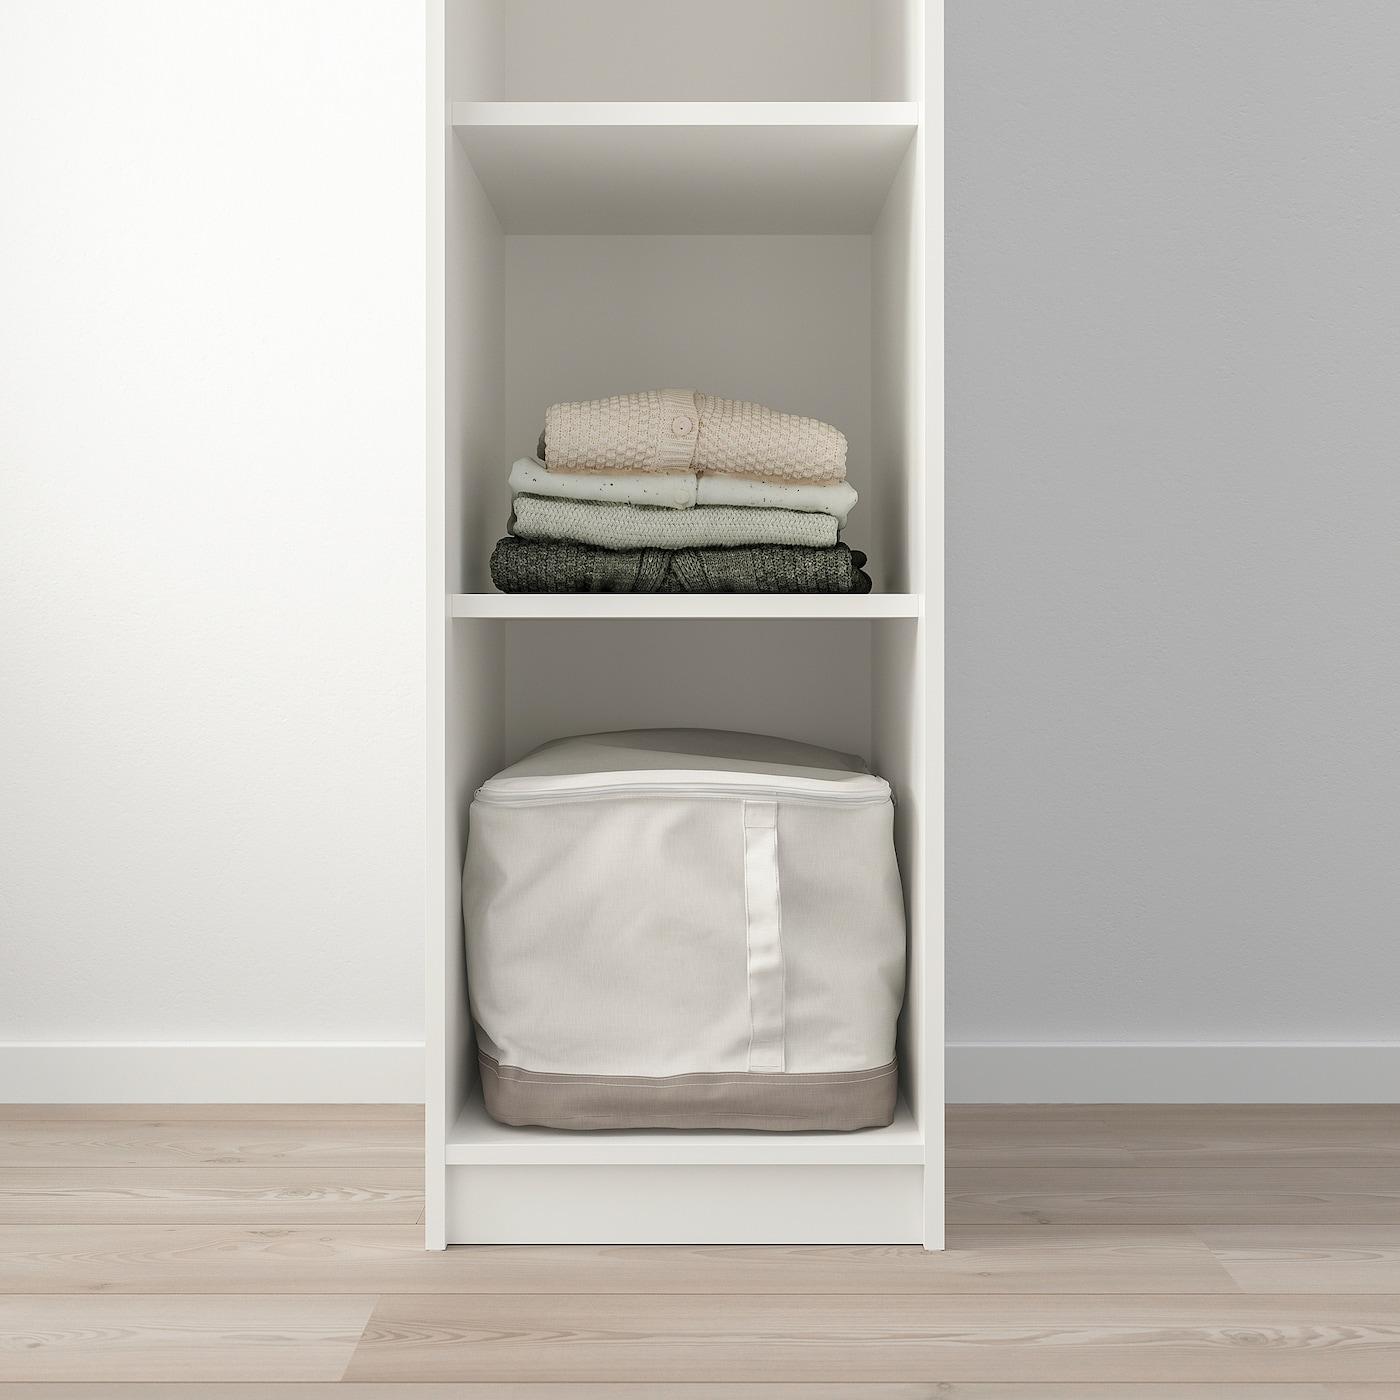 Открытый гардероб в интерьере квартиры